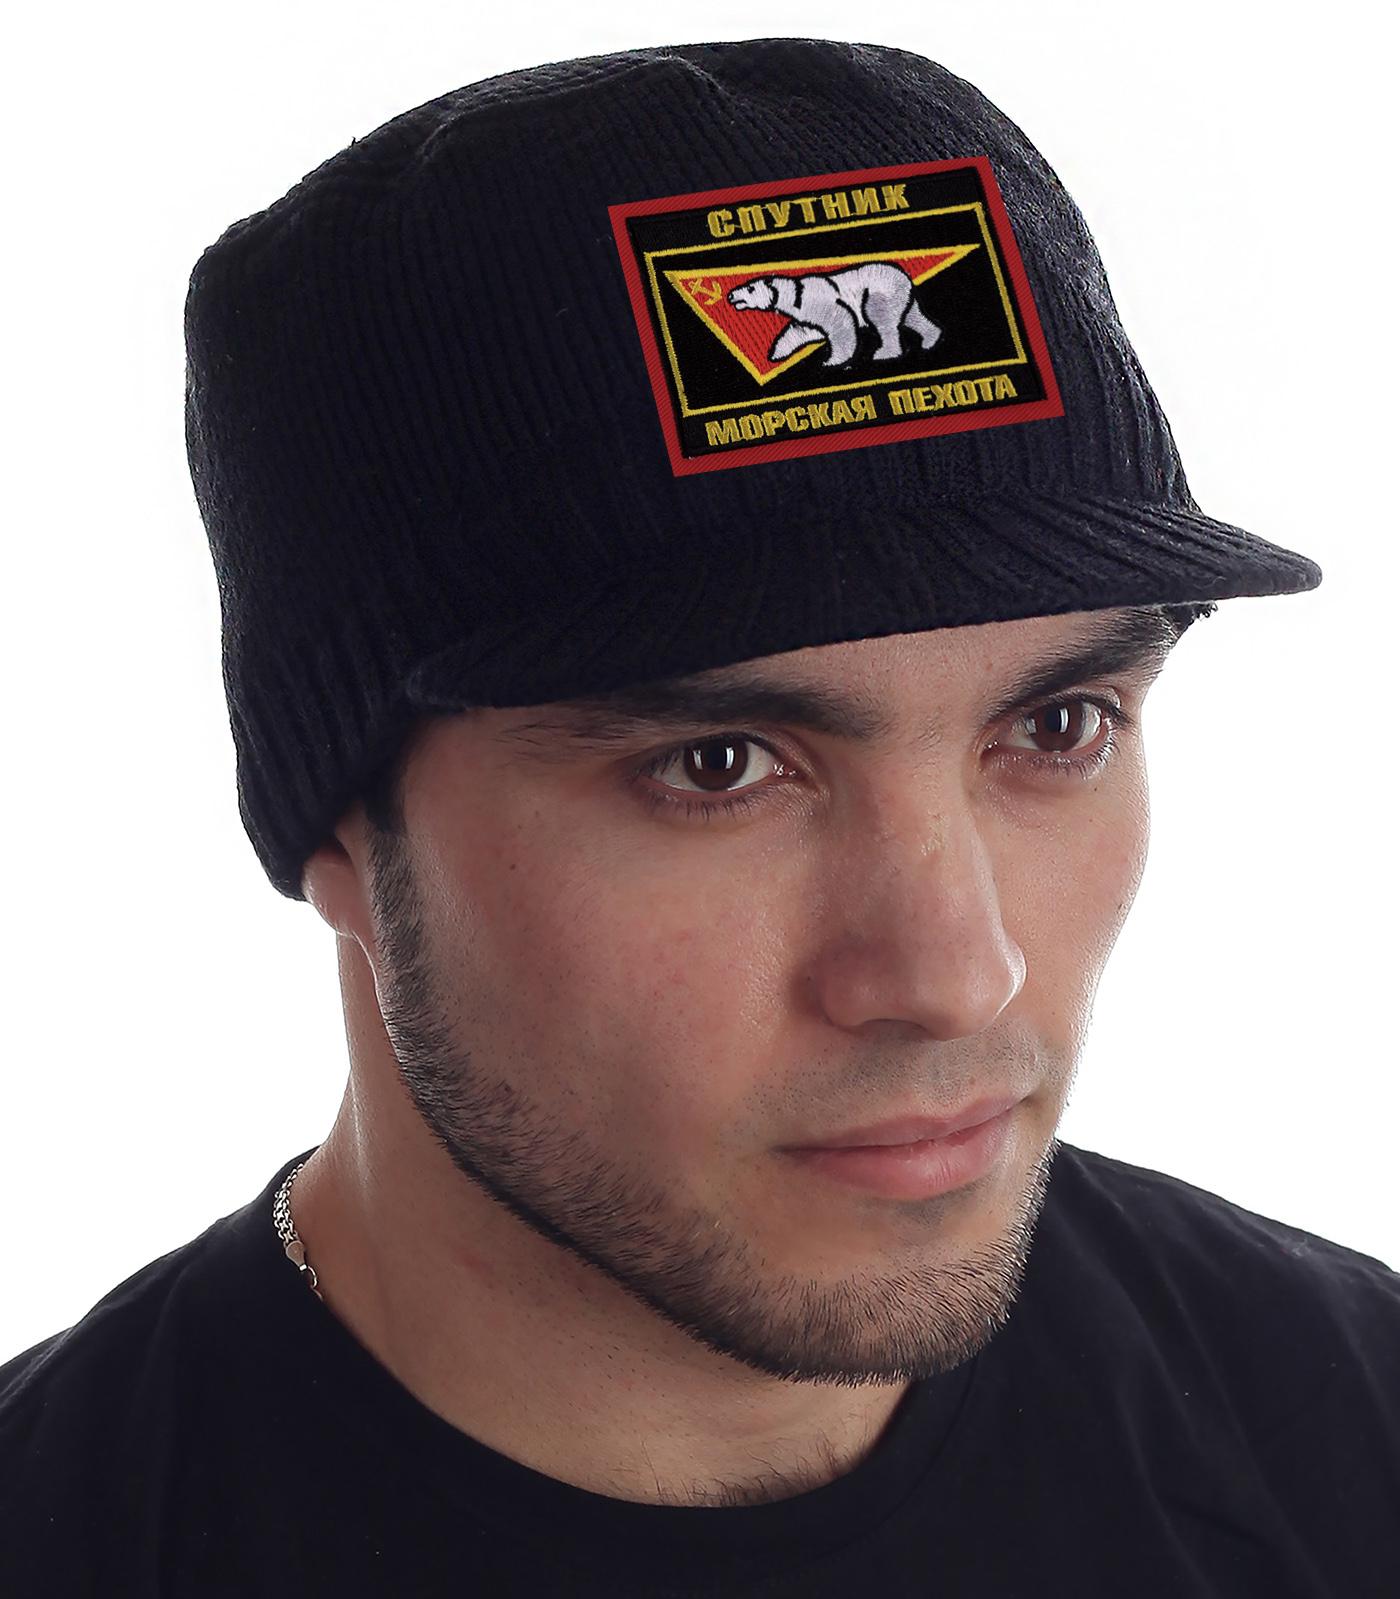 Недорогие модные шапки для мужчин. Каталог огромен!